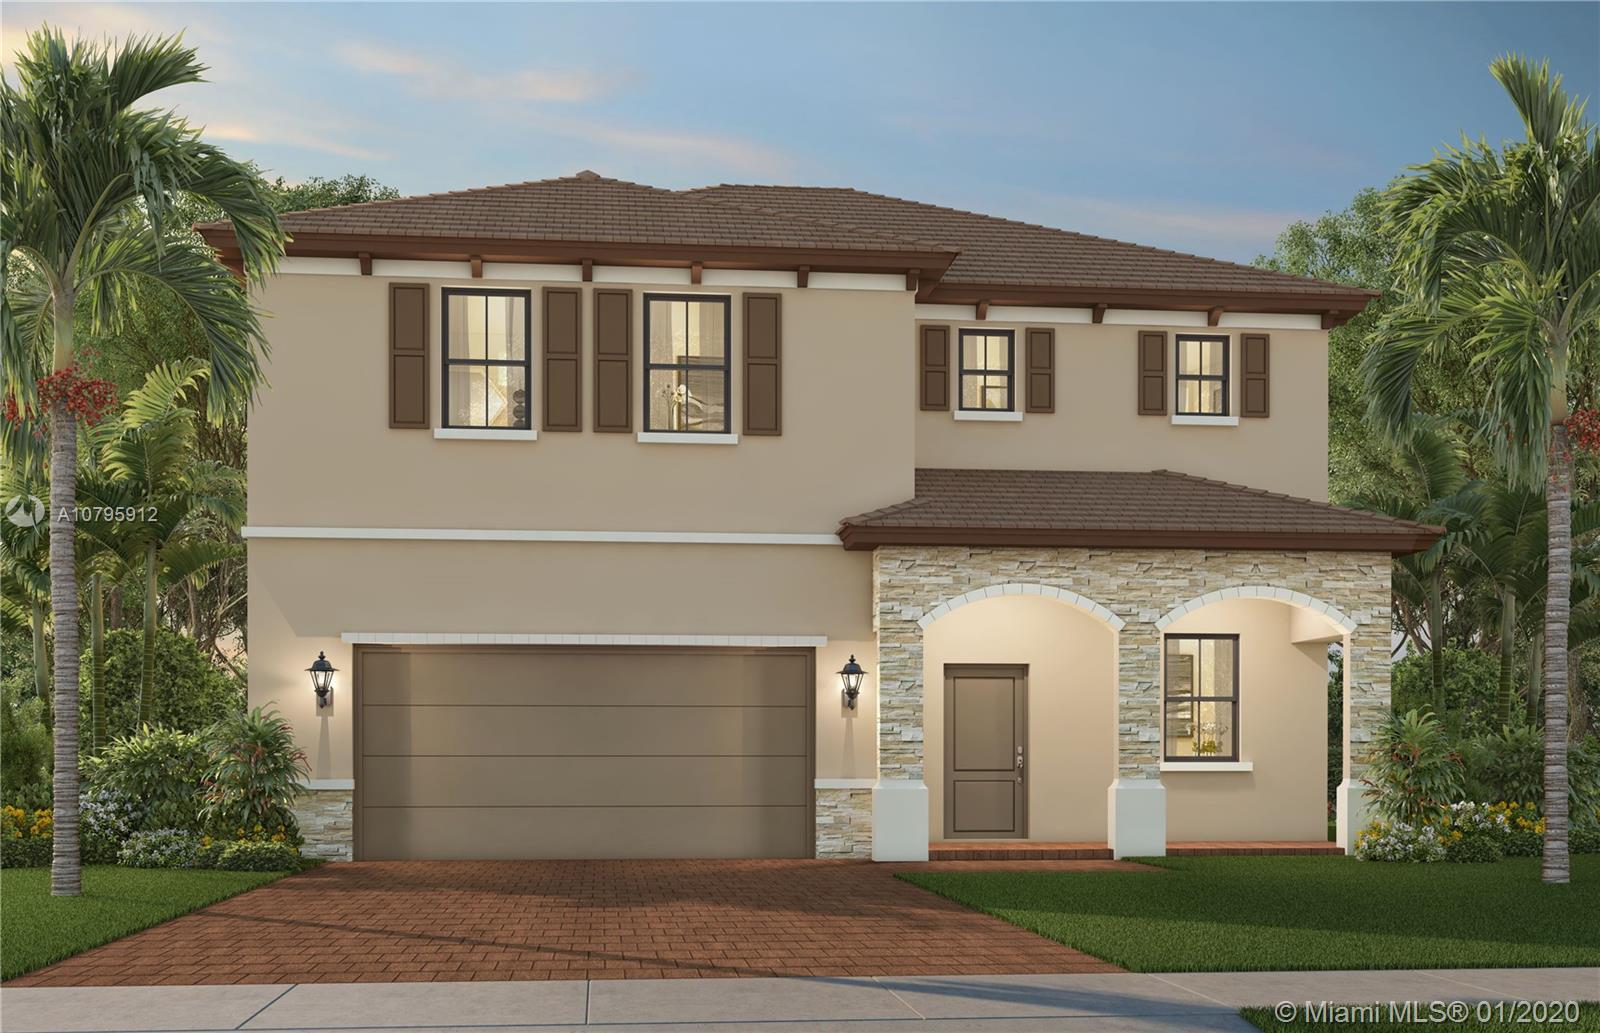 10323 SW 228 TERR, Miami, FL 33190